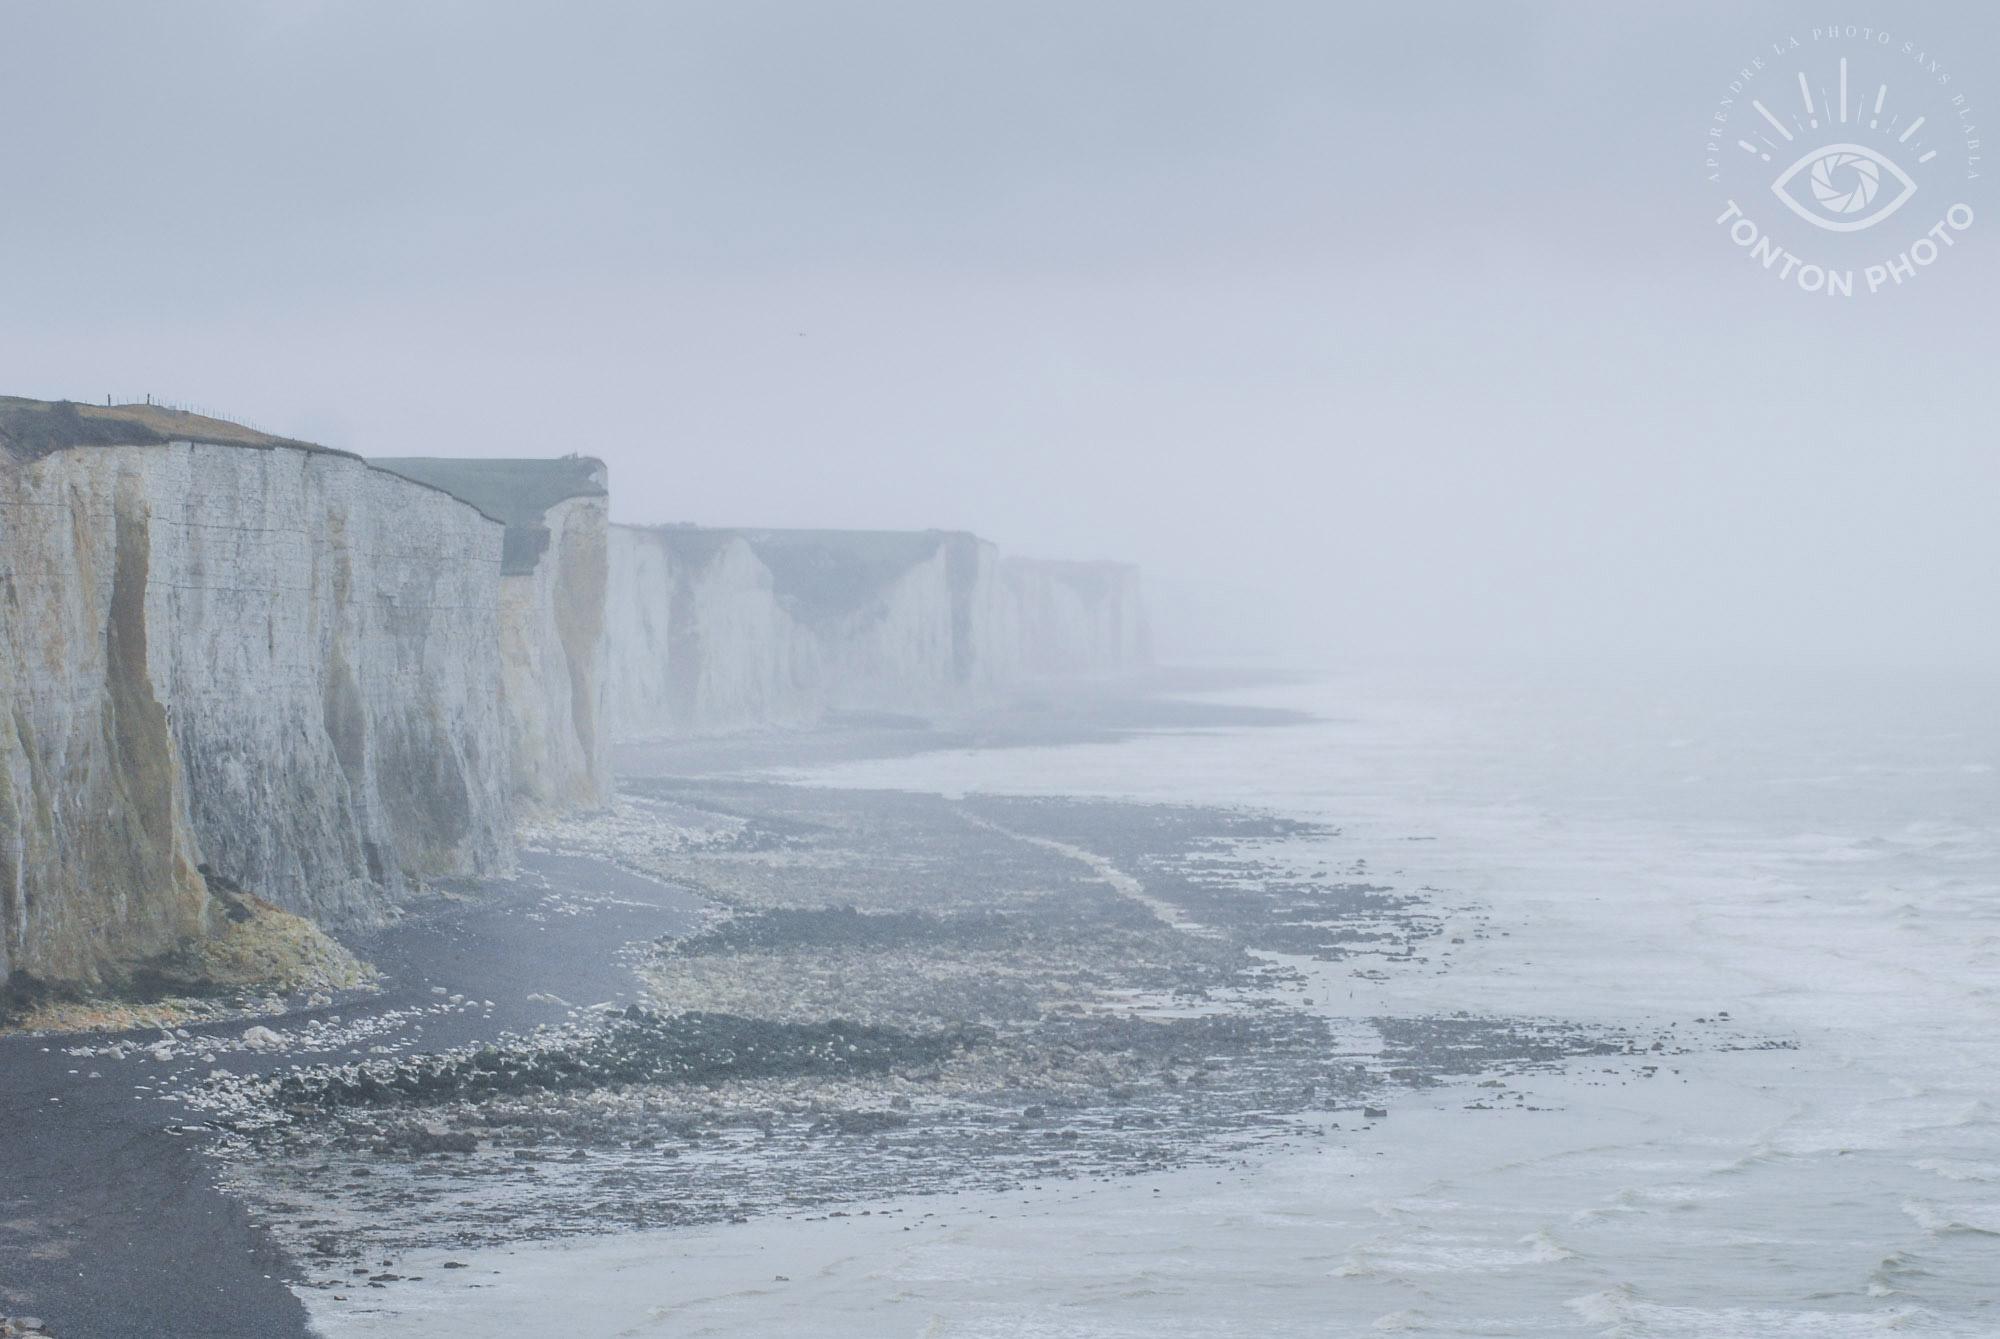 Comment photographier le brouillard ? Les falaises d'Ault en Baie de Somme © Clément Racineux / Tonton Photo